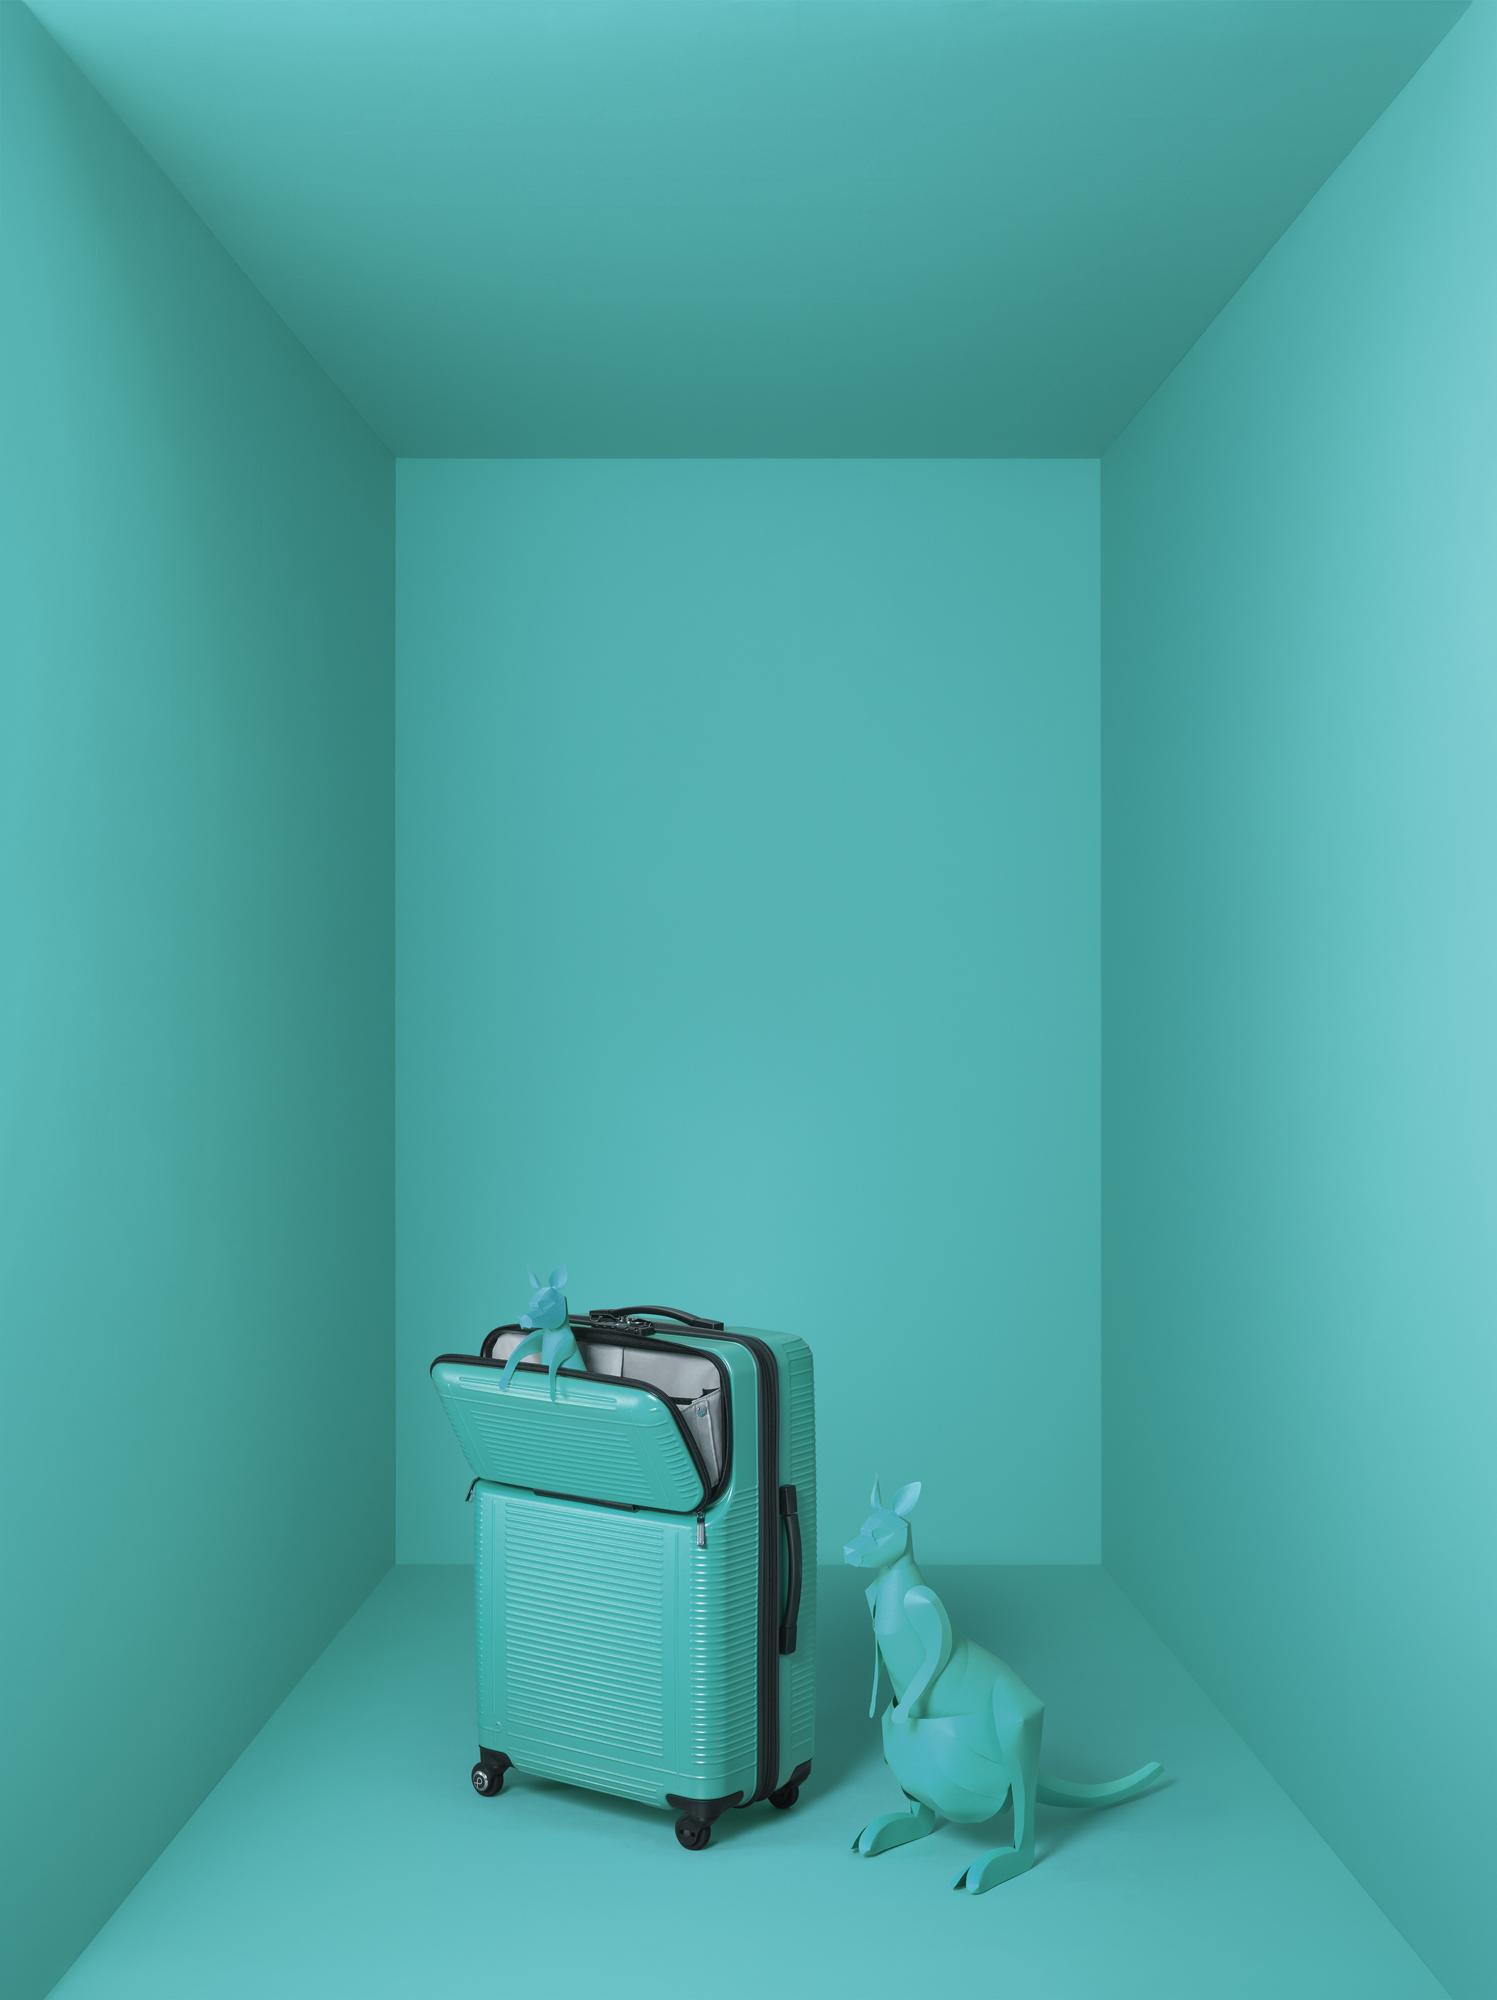 8d9859c7ef プロテカ、移動時に荷物の出し入れがしやすいスーツケース 新色ピーコックブルー発売|エース株式会社のプレスリリース